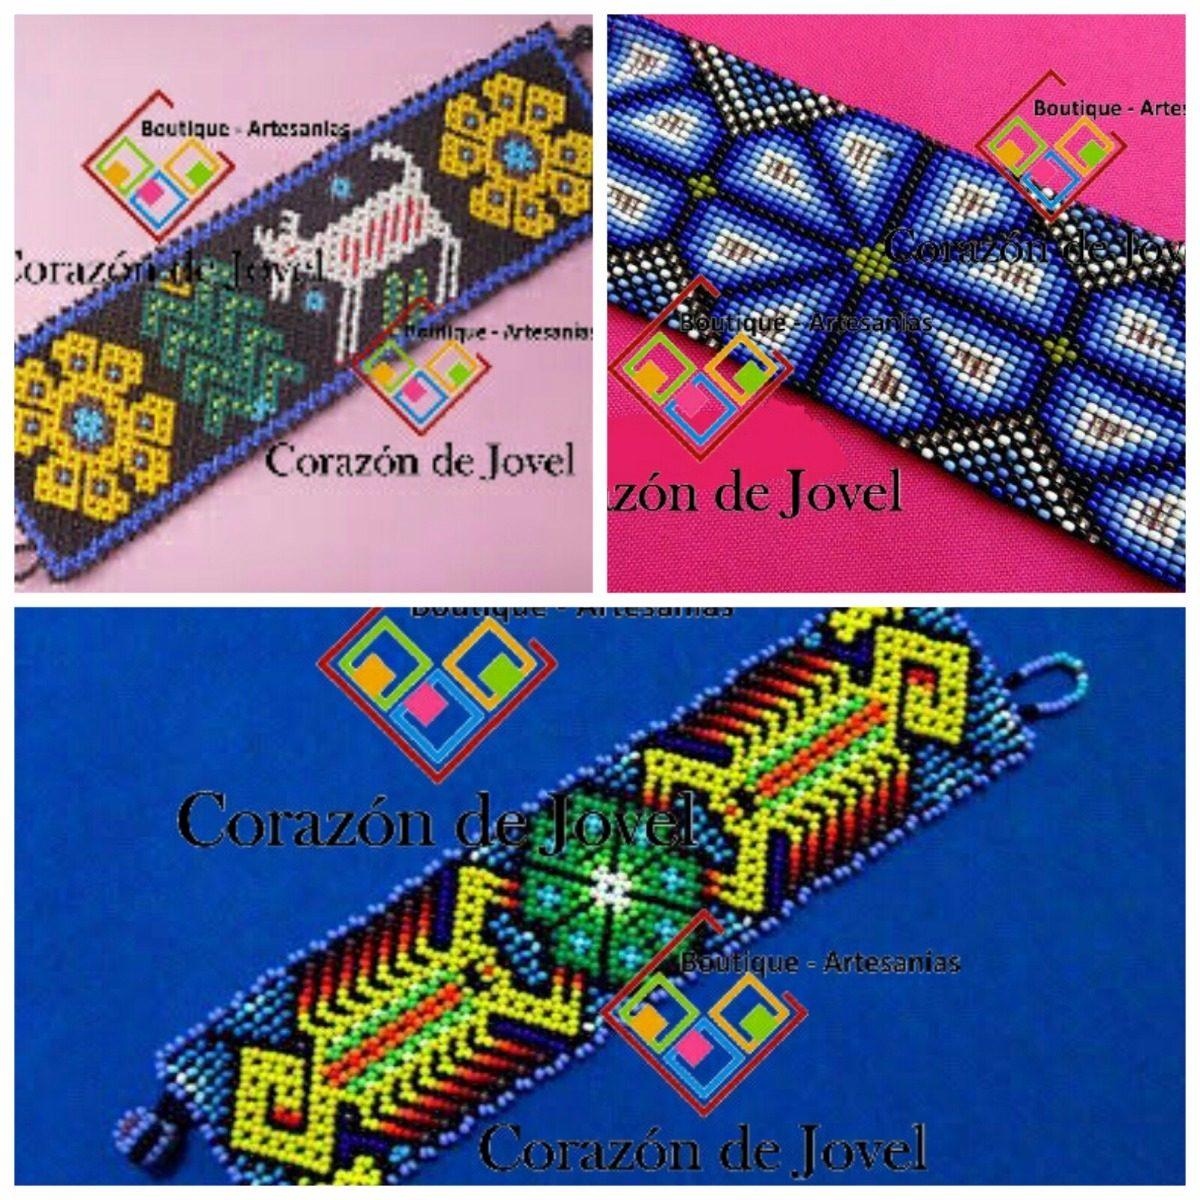 b93008882445 6 Pulseras Tejidas En Chaquira artesanales De Chiapas!! -   550.00 ...